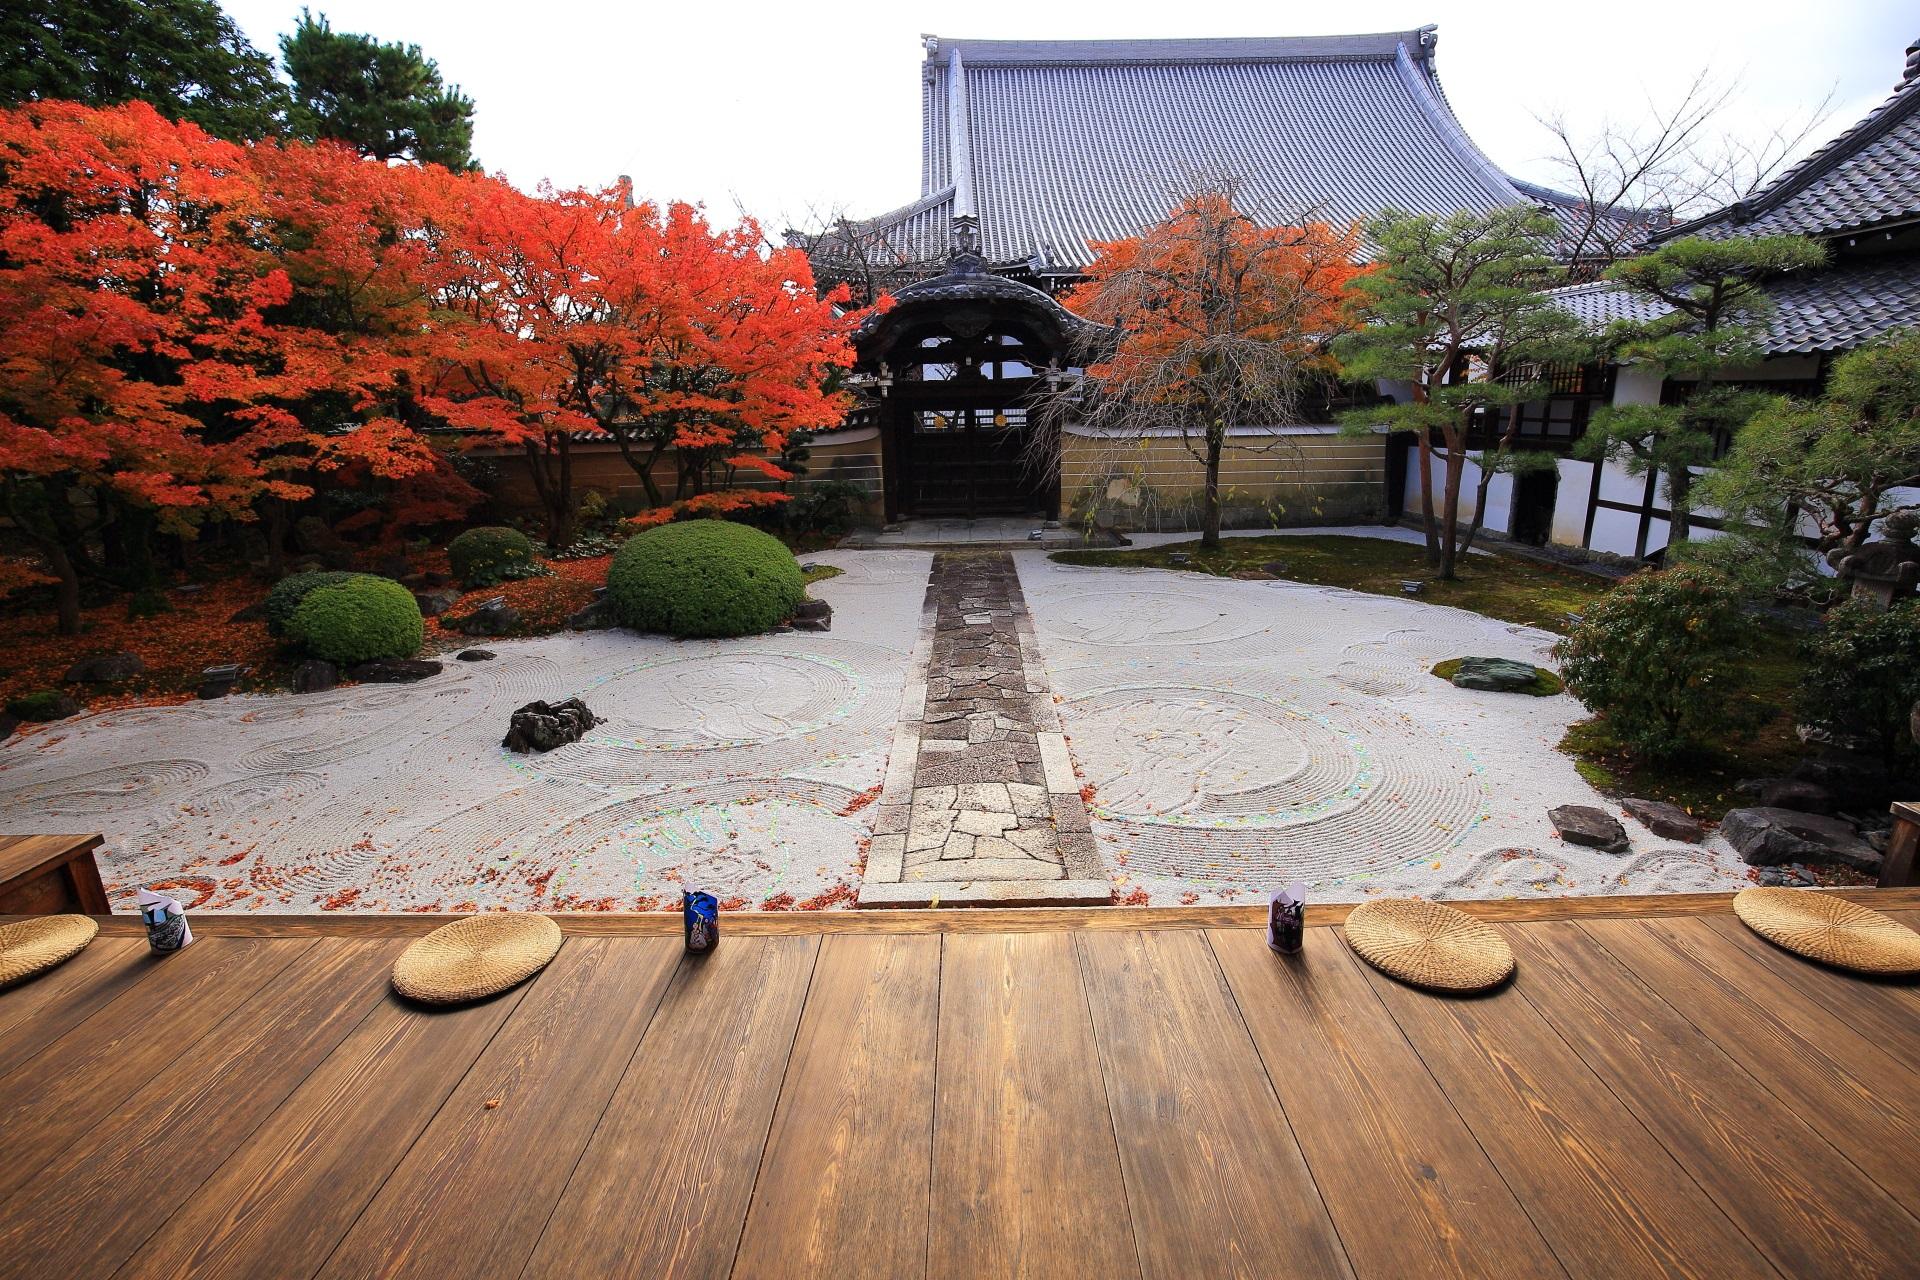 妙顕寺の「四海唱導の庭(しかいしょうどうのにわ)」の紅葉